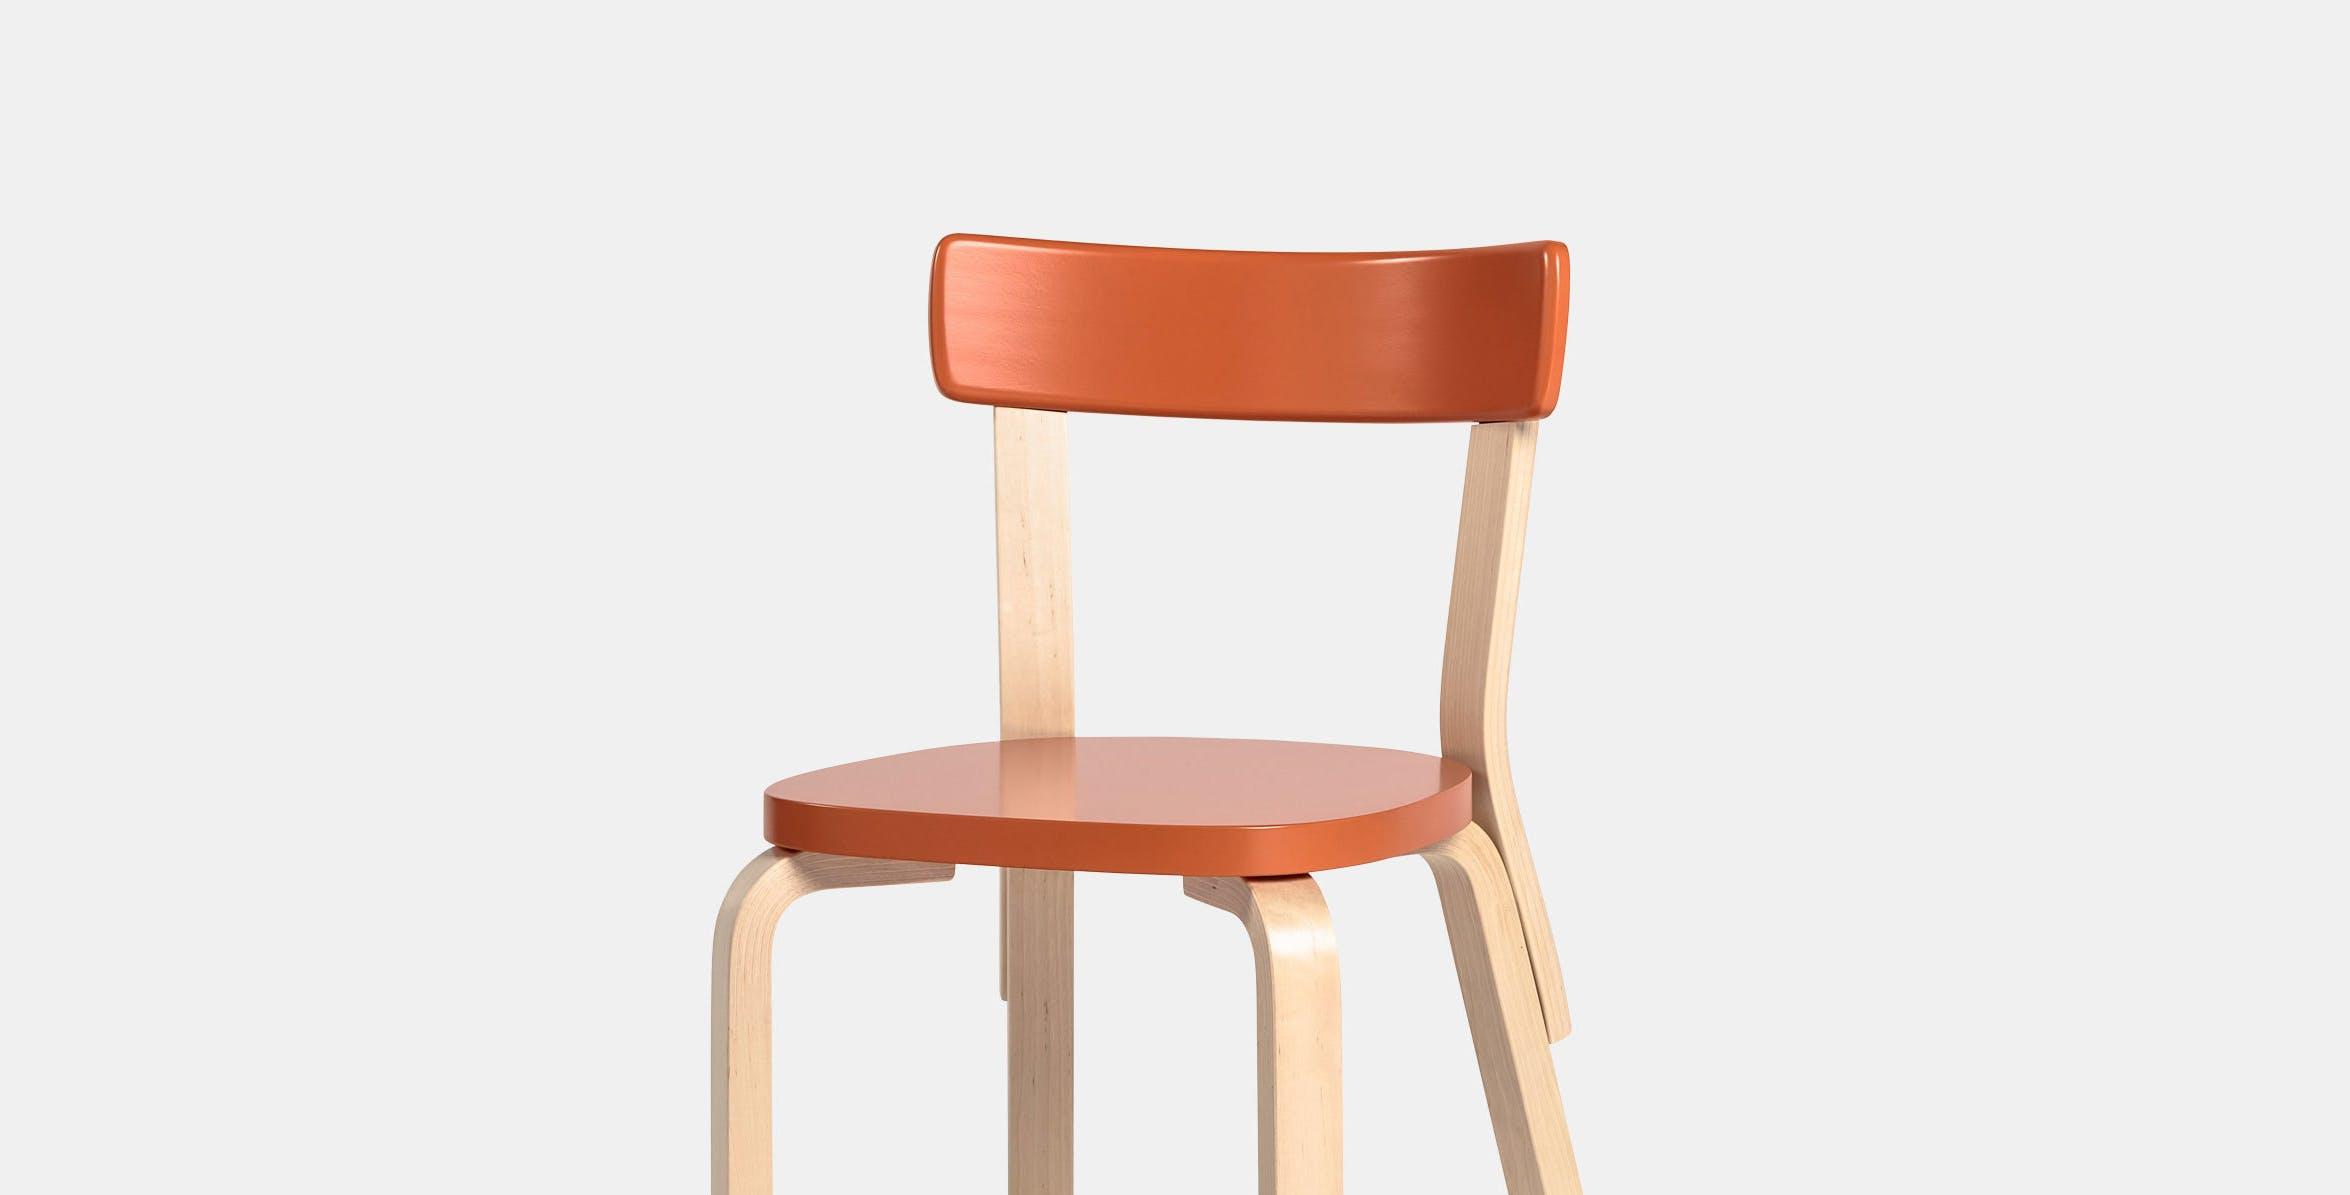 Designer Alvar Aalto